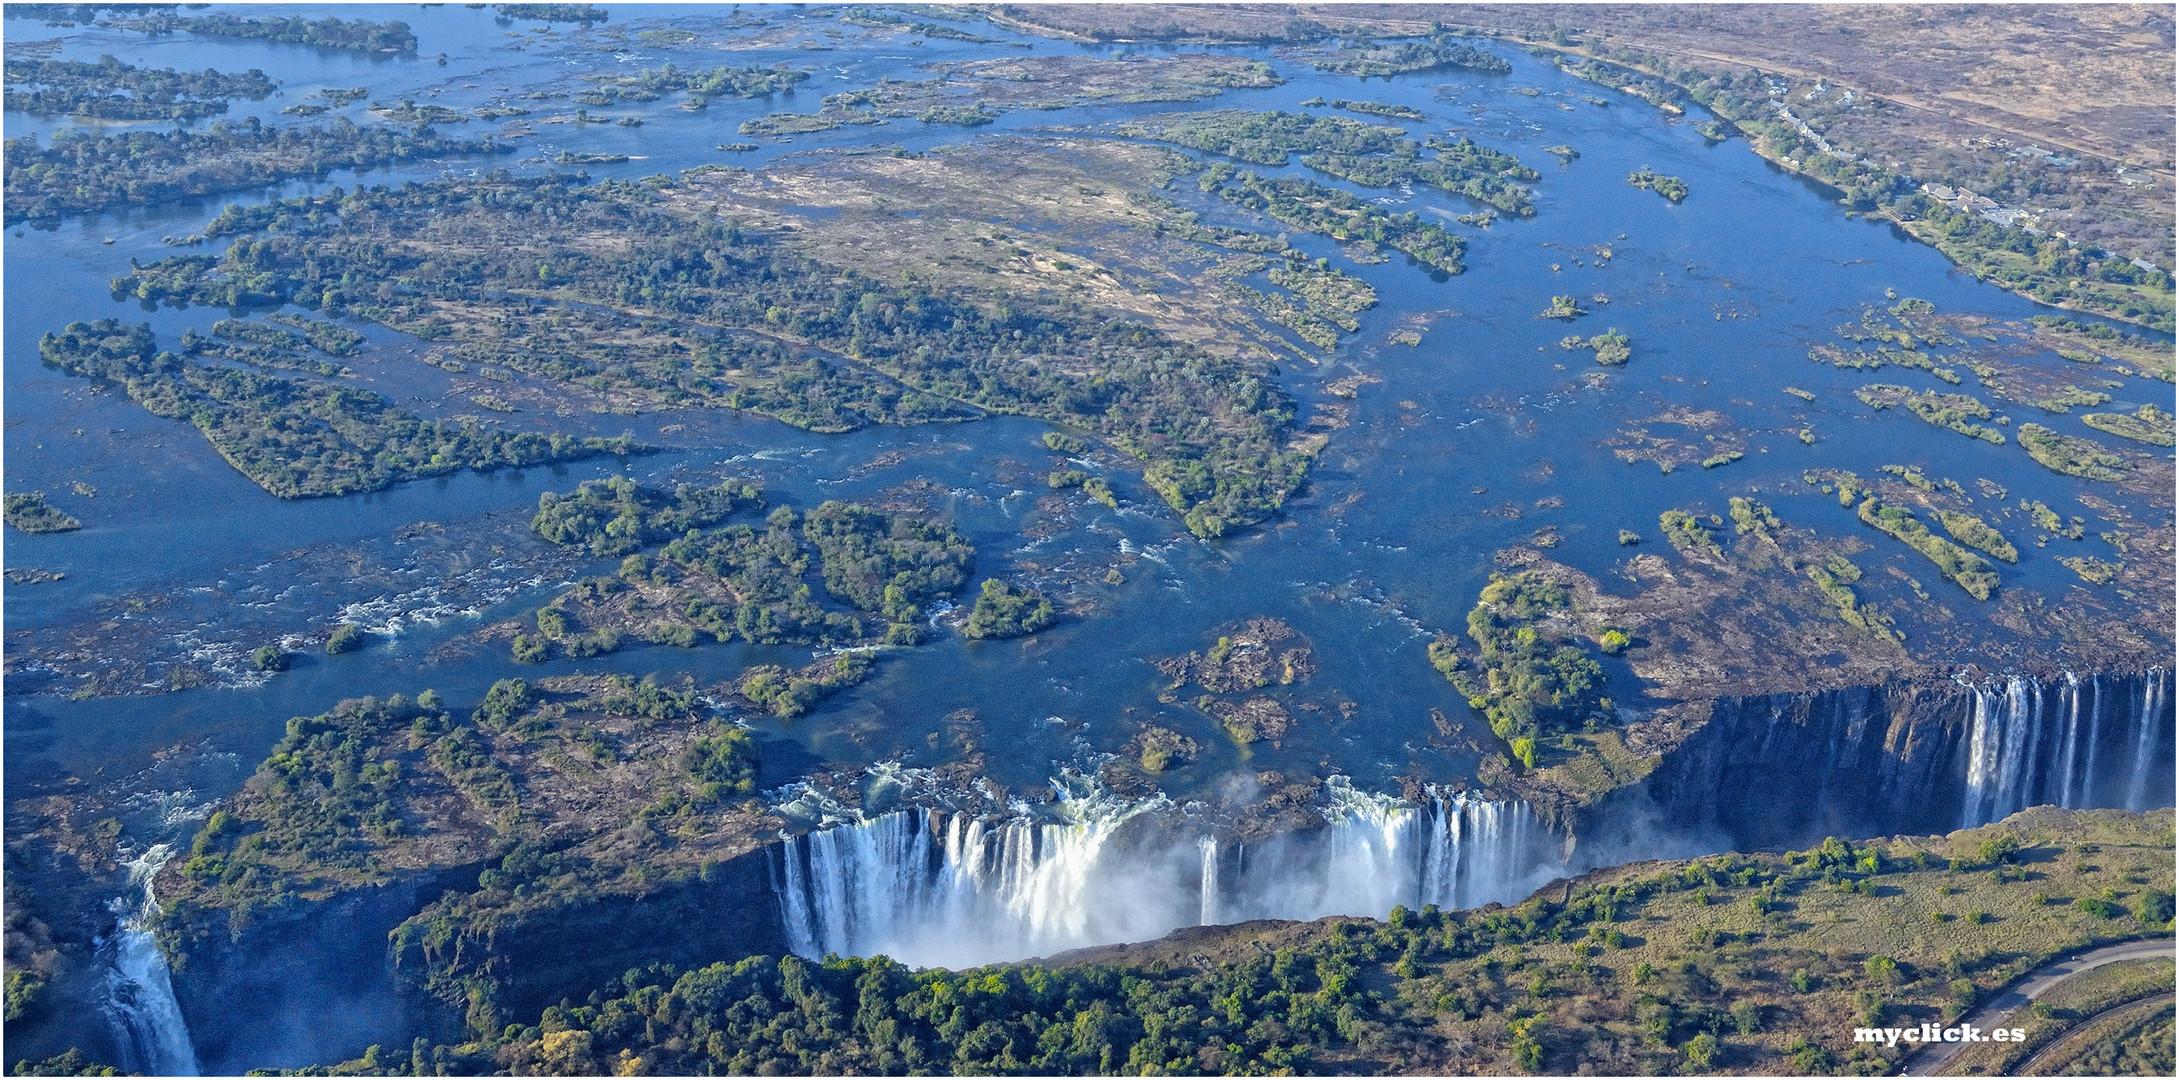 MEMORIAS DE AFRICA -EL RIO ZAMBEZE Y LA CATARATA VICTORIA ZIMBAWE